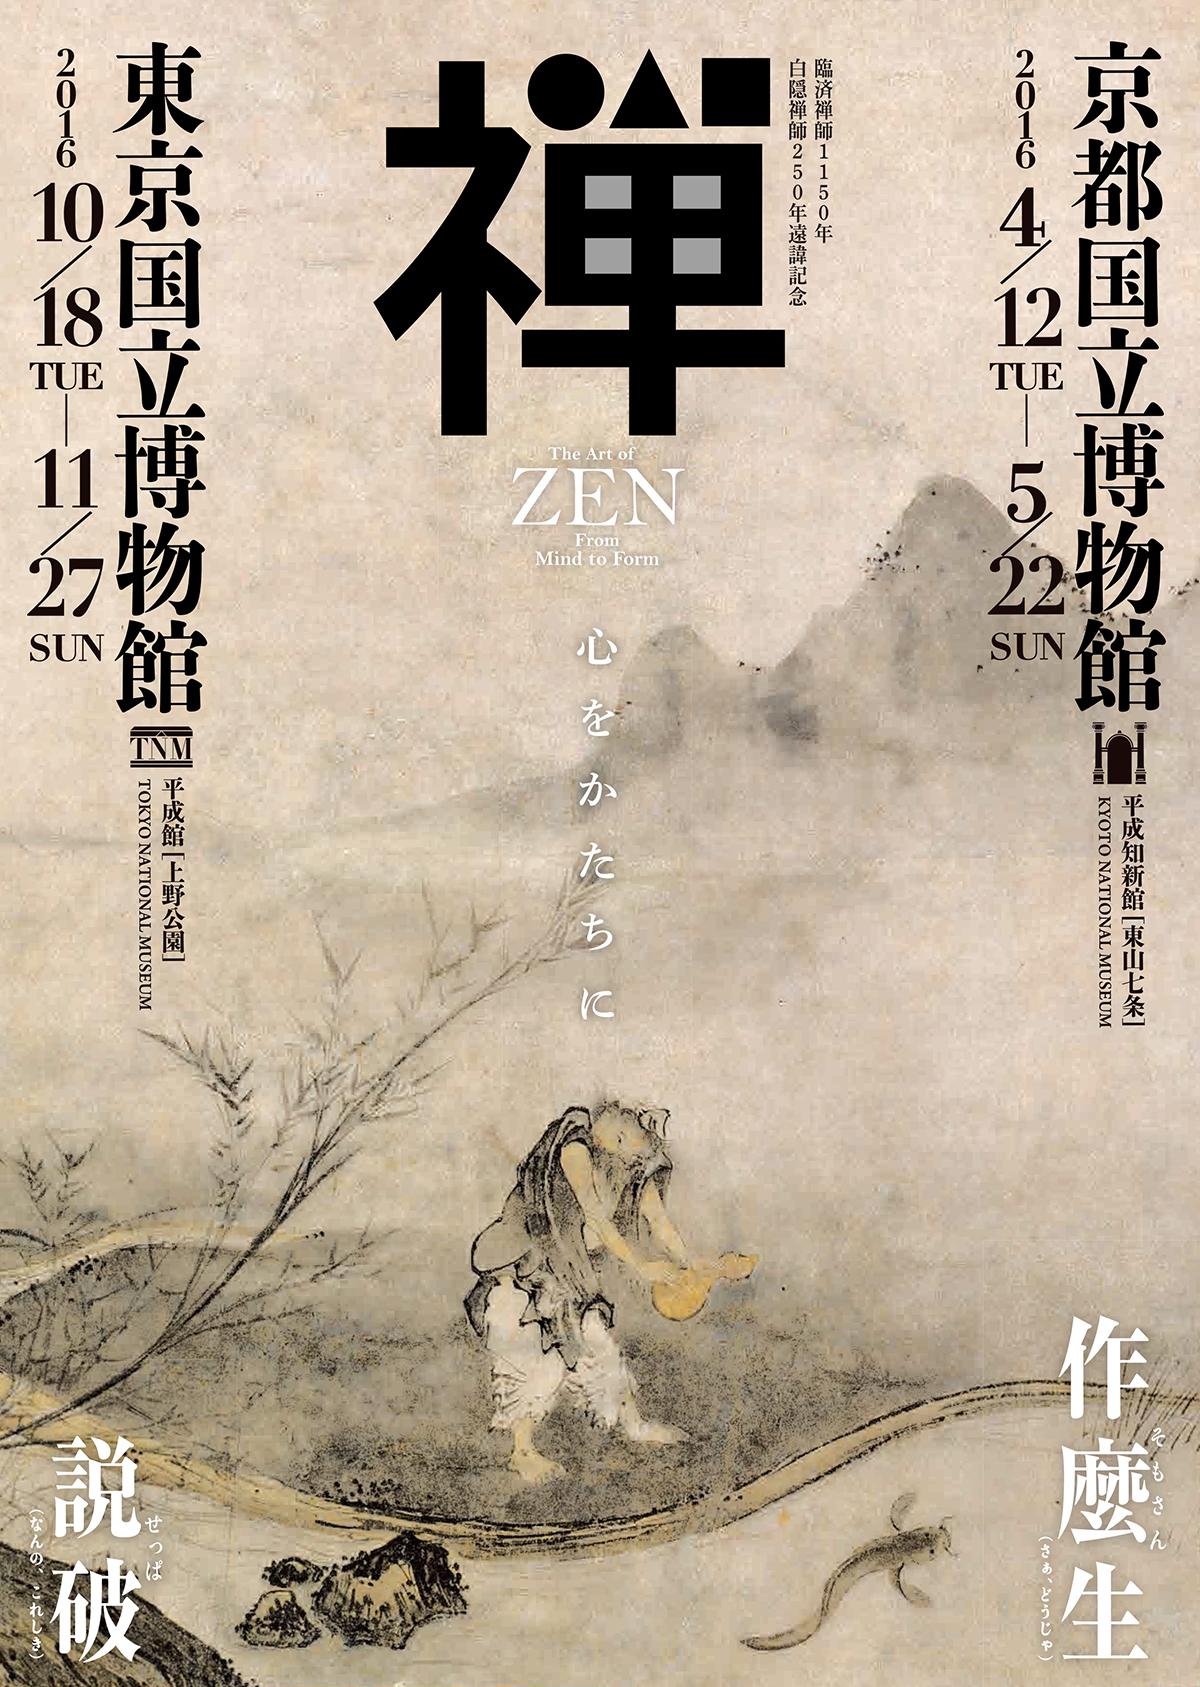 http://rinnou.net/rinzai1150/images/zen0.jpg